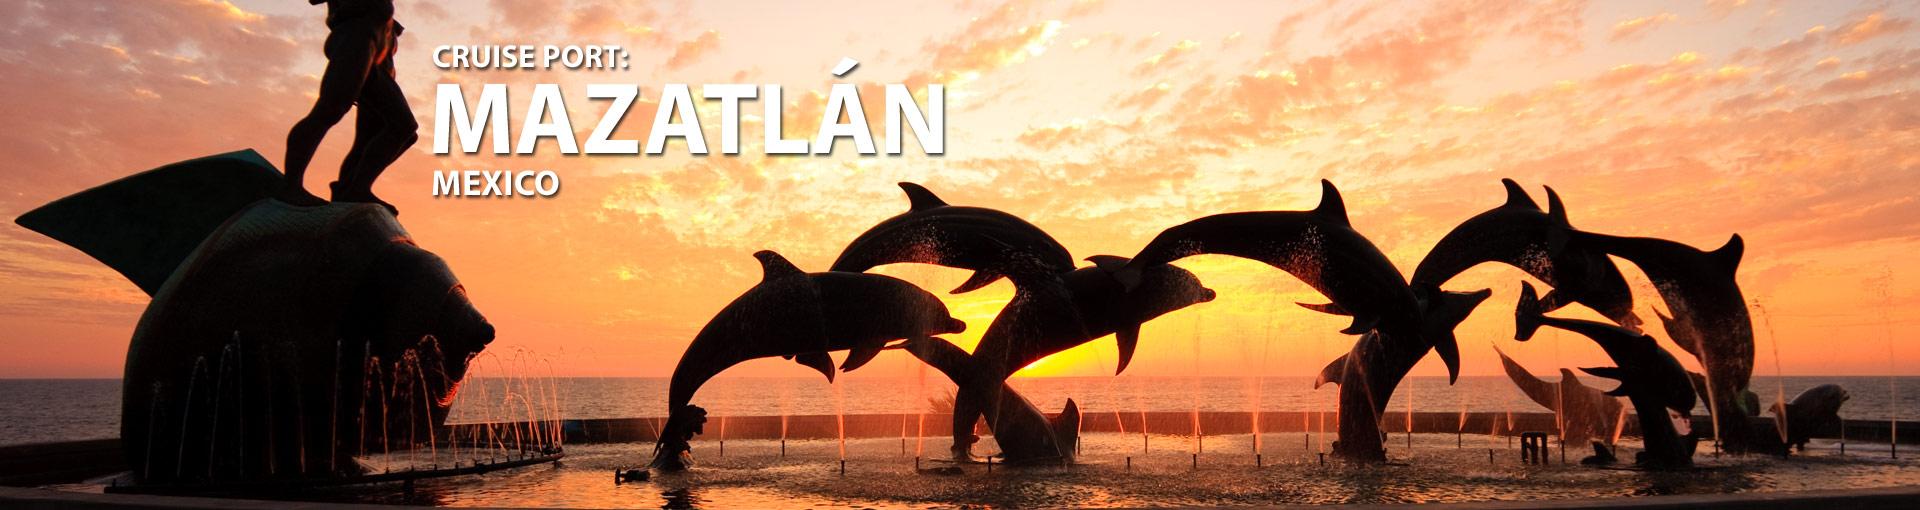 Cruises to Mazatlan, Mexico